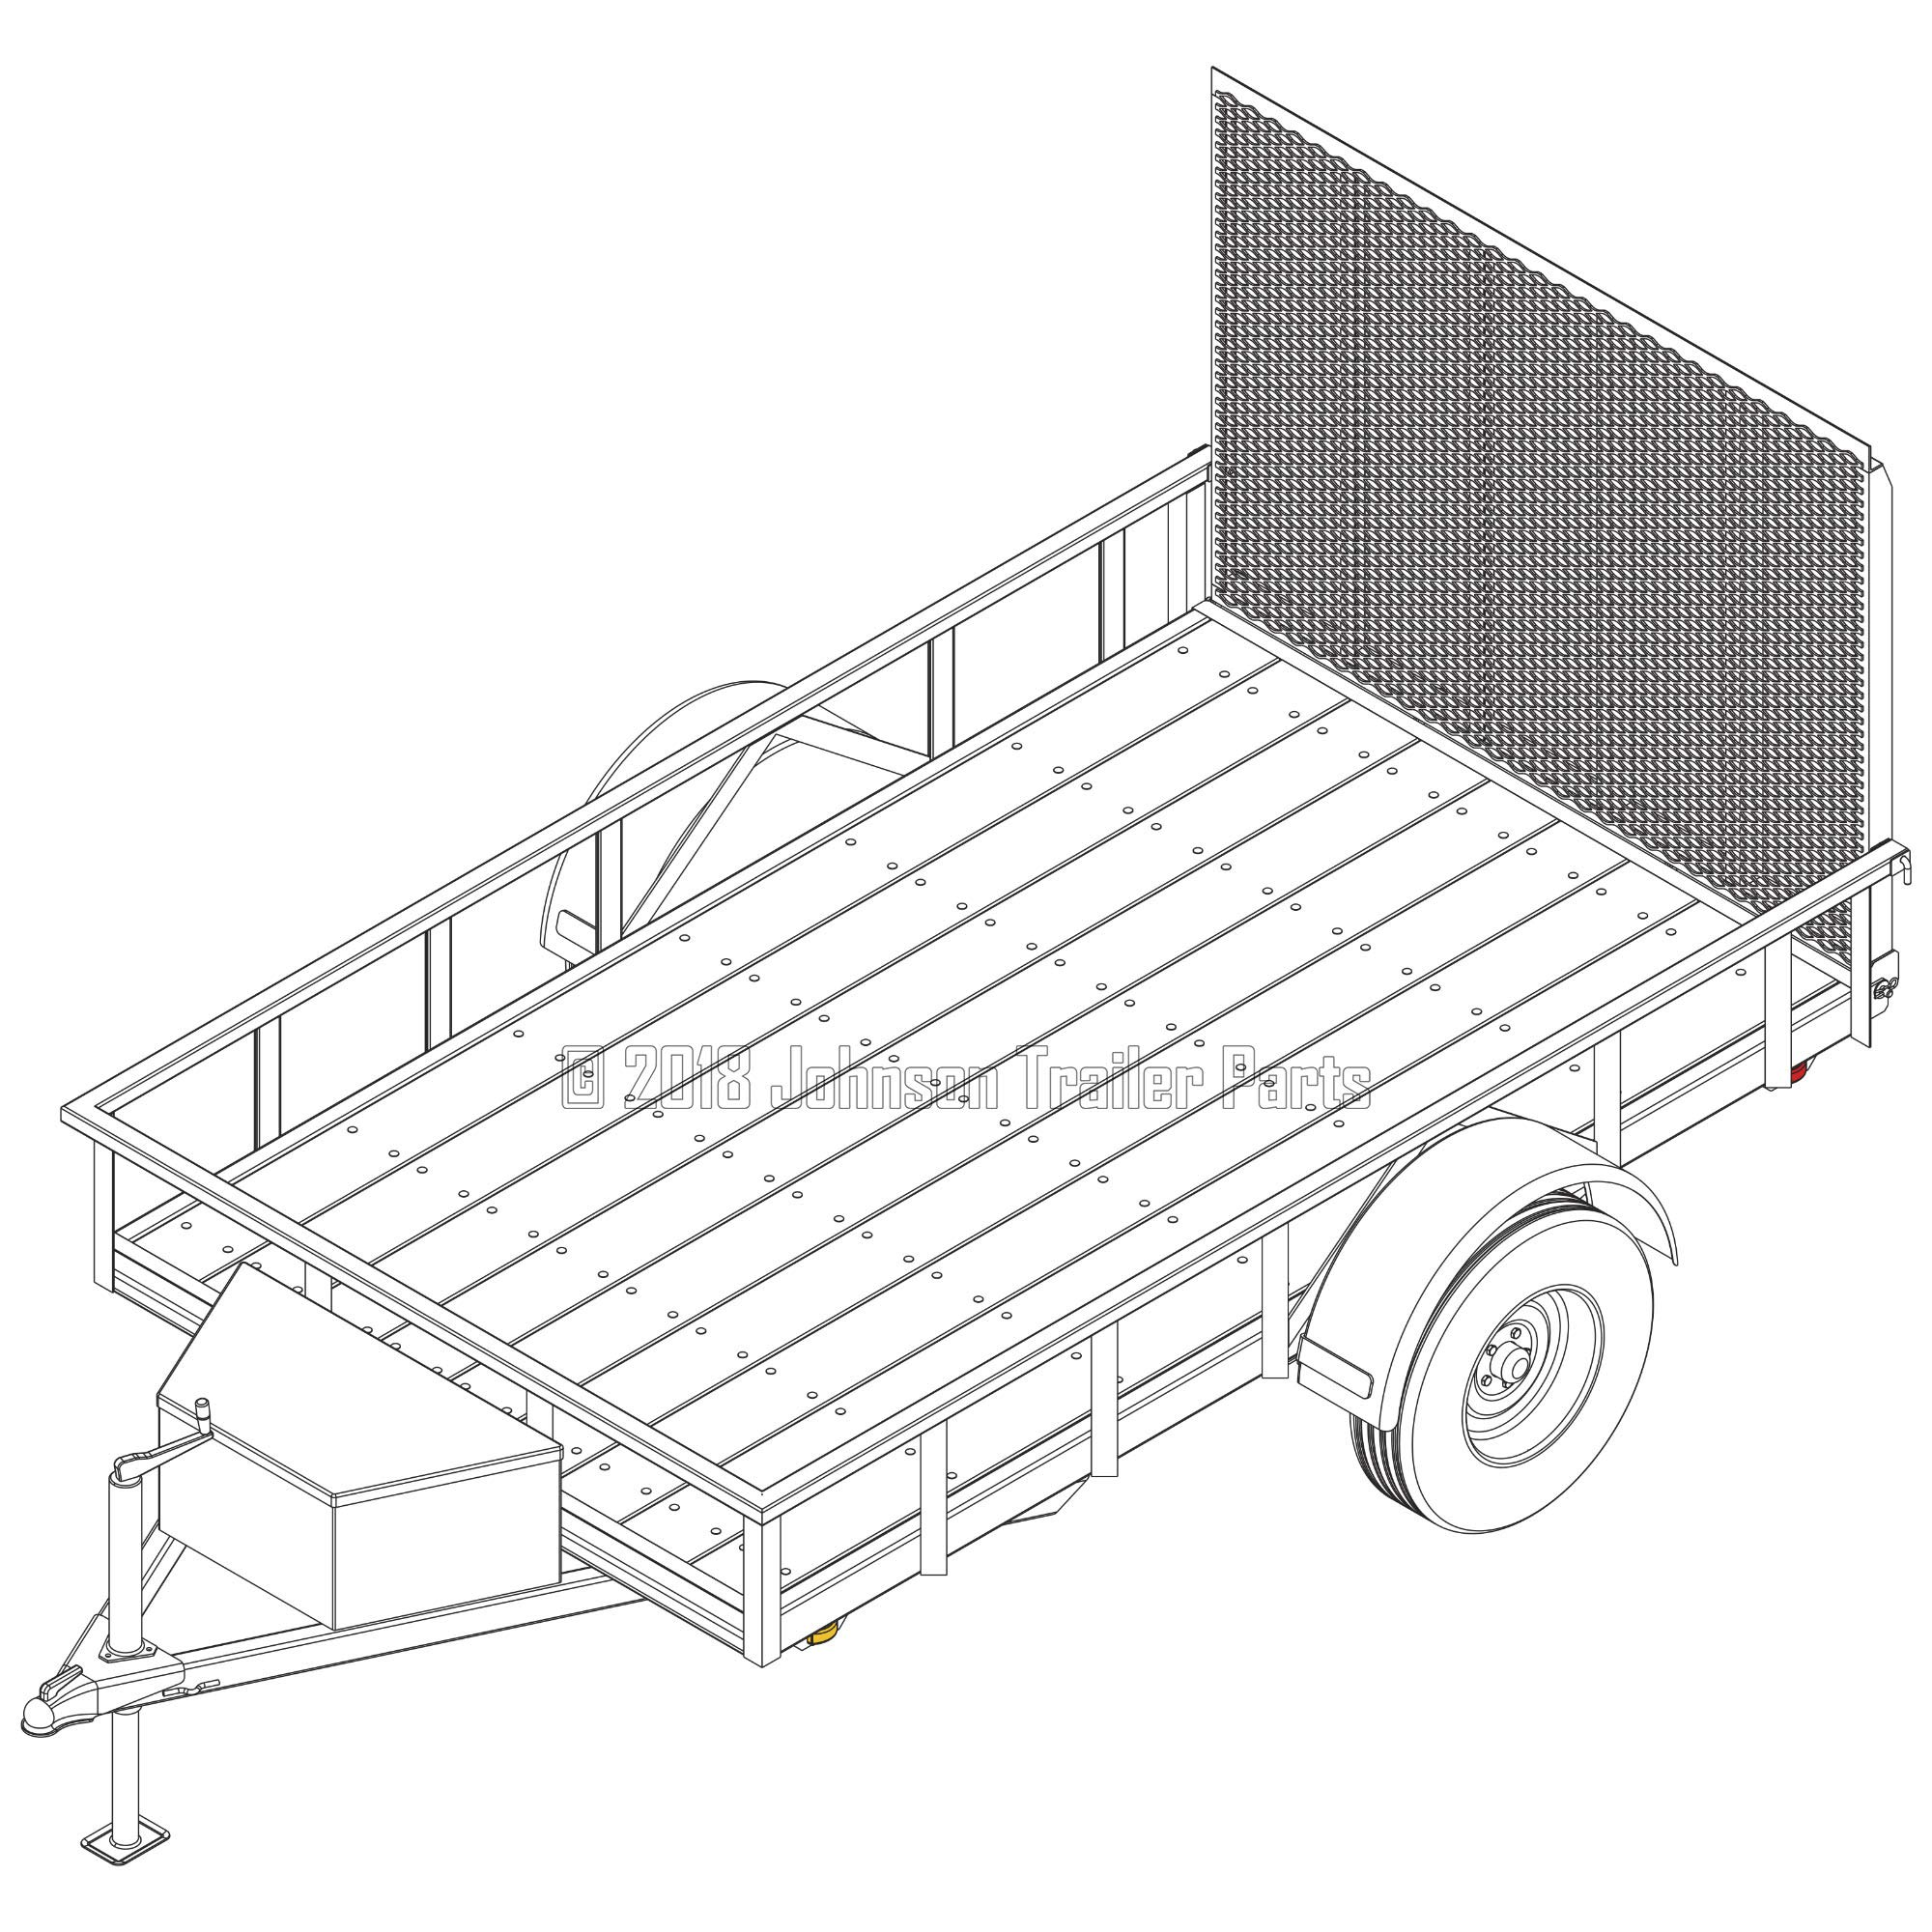 6′ x 10′ Utility Trailer Plans - 3,500 lb Capacity | Trailer Blueprints Model U72-120-35J by Johnson Trailer Parts